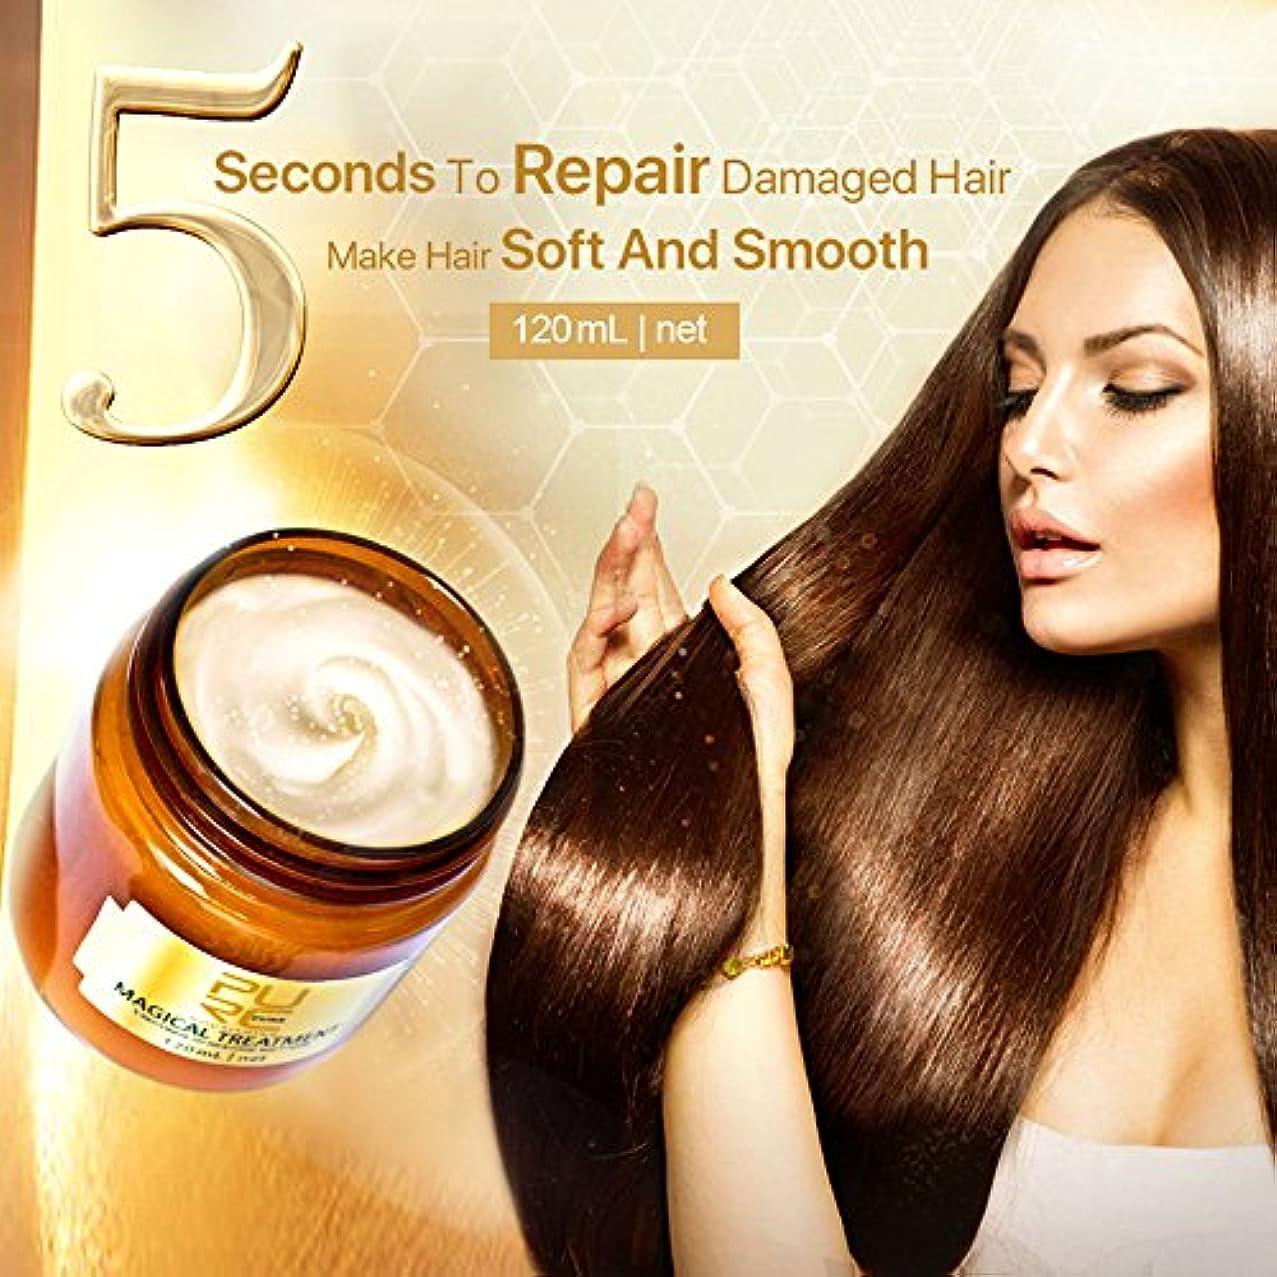 バラバラにする香水カウンターパートディープリペア軟膏ヘアマスク 高度な分子 毛根治療の回復 魔法のヘアマスクは コンディショナー ヘアケアコンディショ すべての髪のタイプのケラチンヘアの柔らかい髪を復元します (120ML)